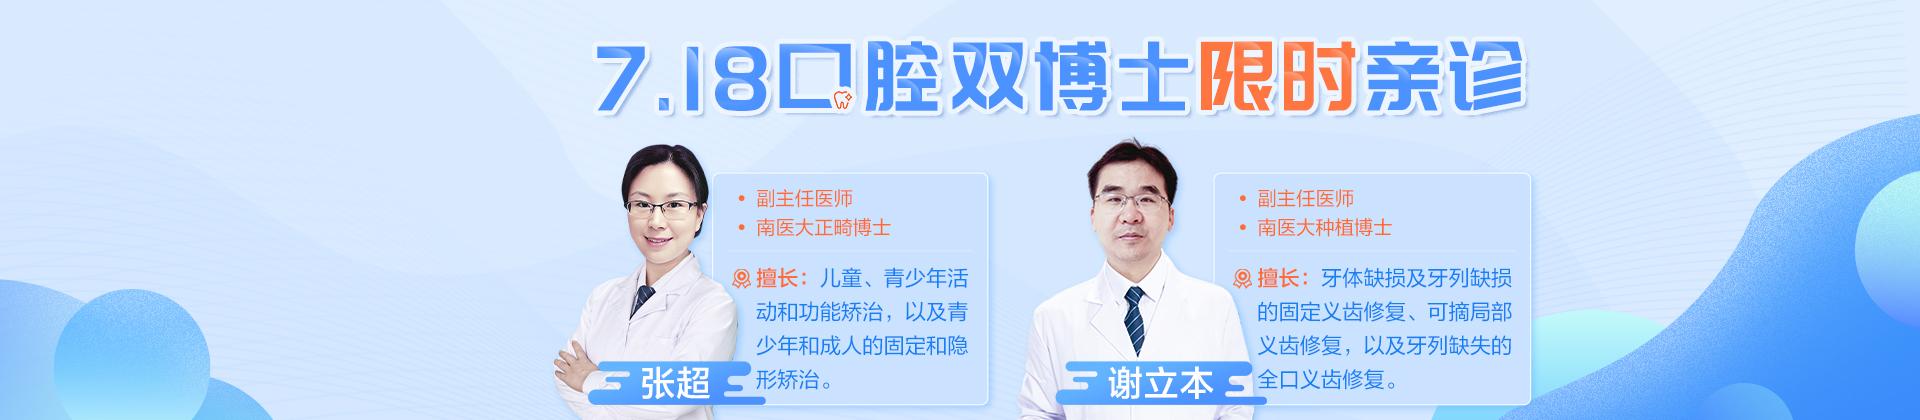 7.18特邀省口腔正畸种植双博士亲诊